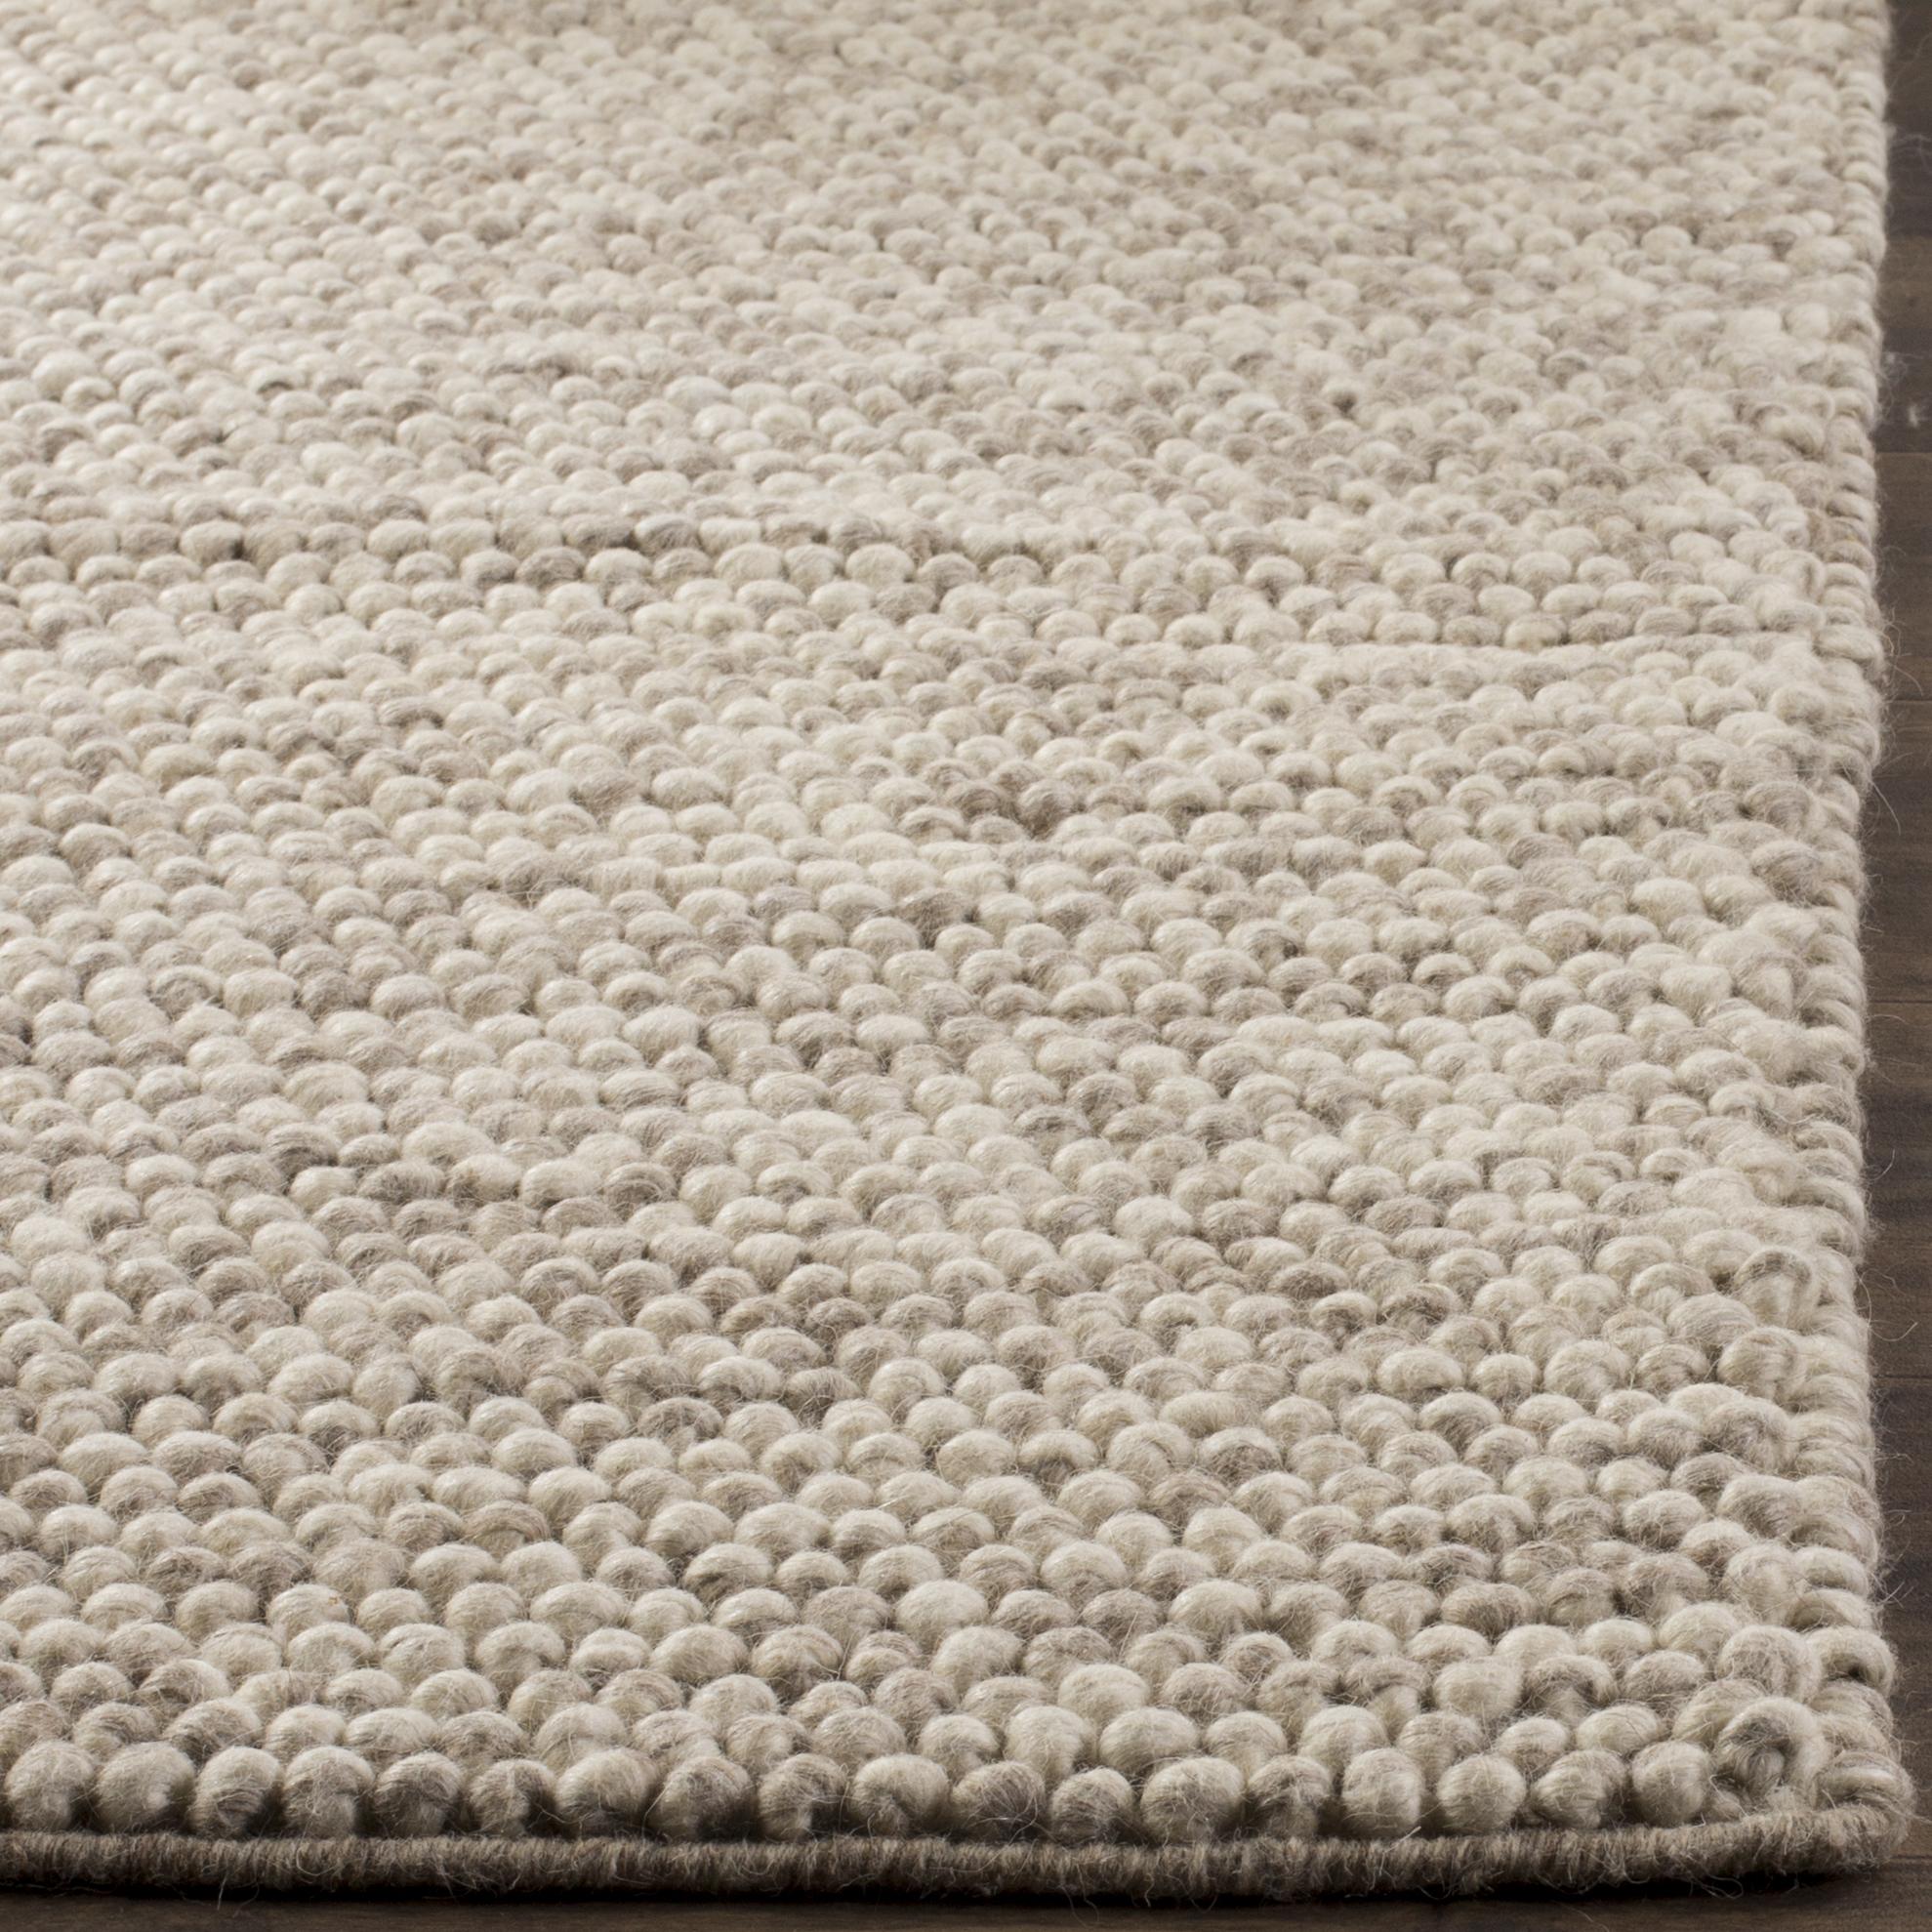 Chipley 620 2' X 3' Tan Wool Rug